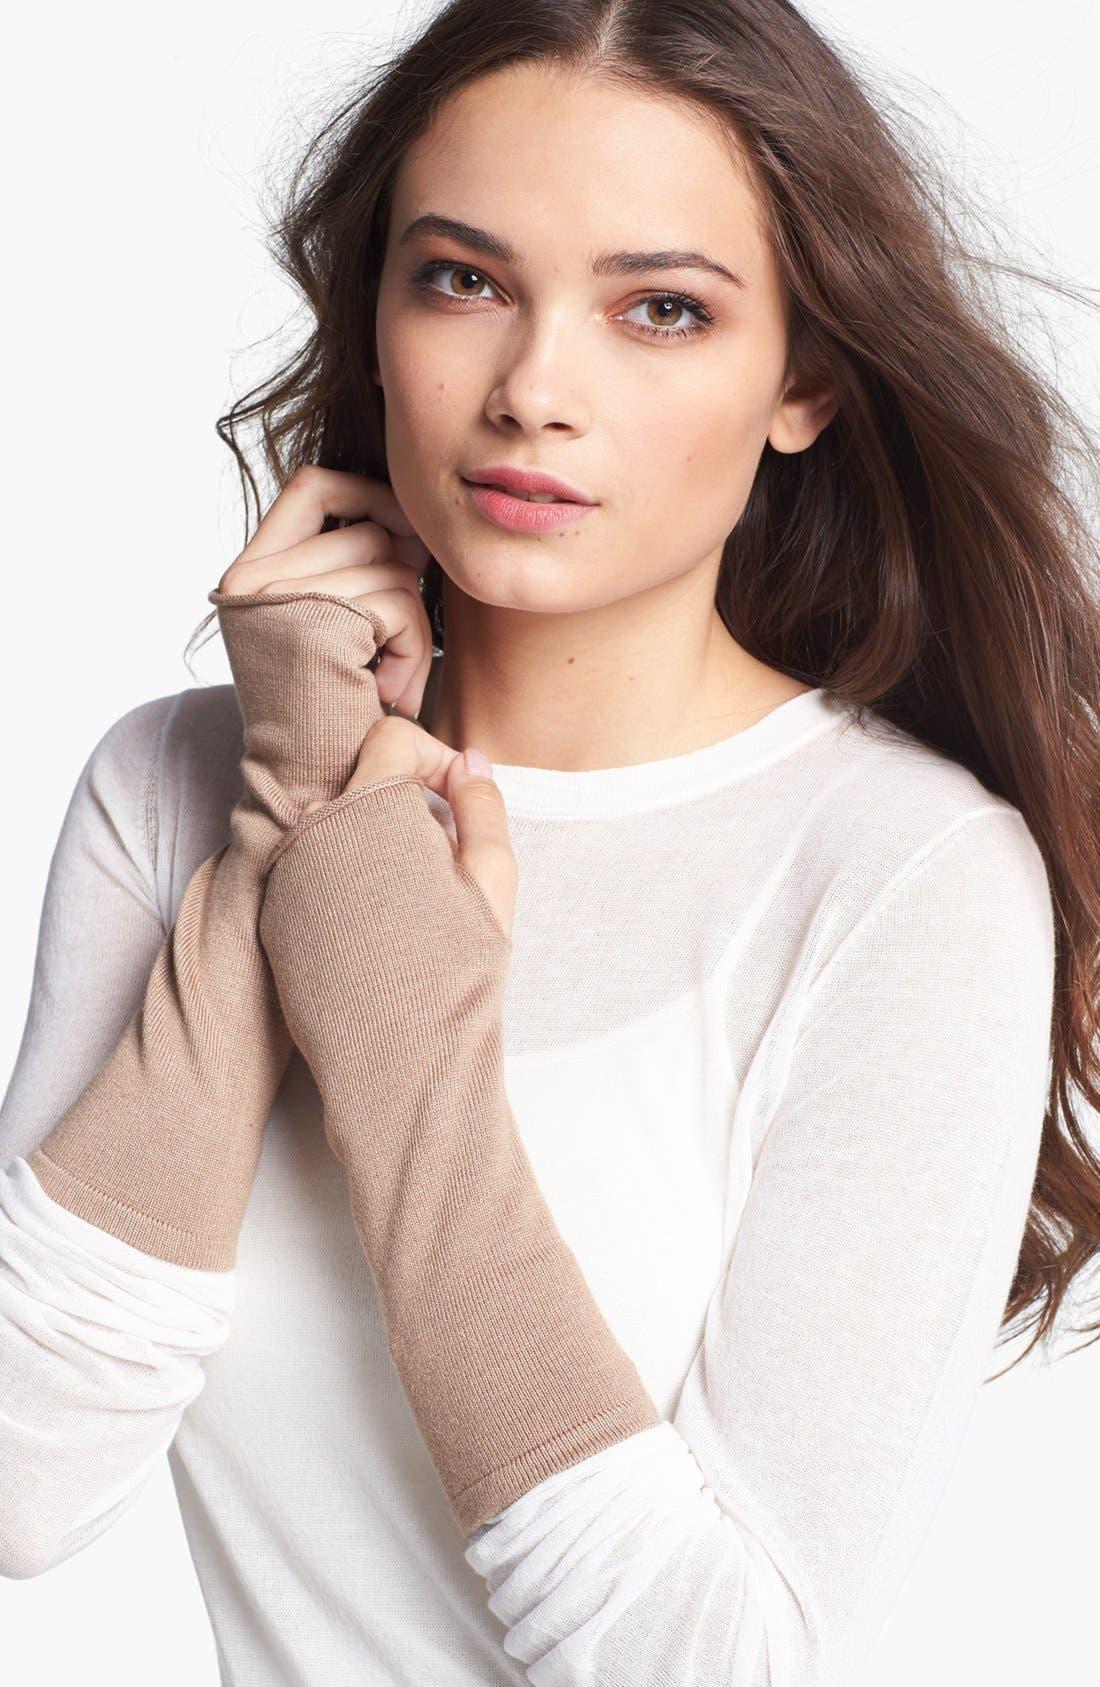 Alternate Image 1 Selected - Echo 'Seasonless' Fingerless Gloves